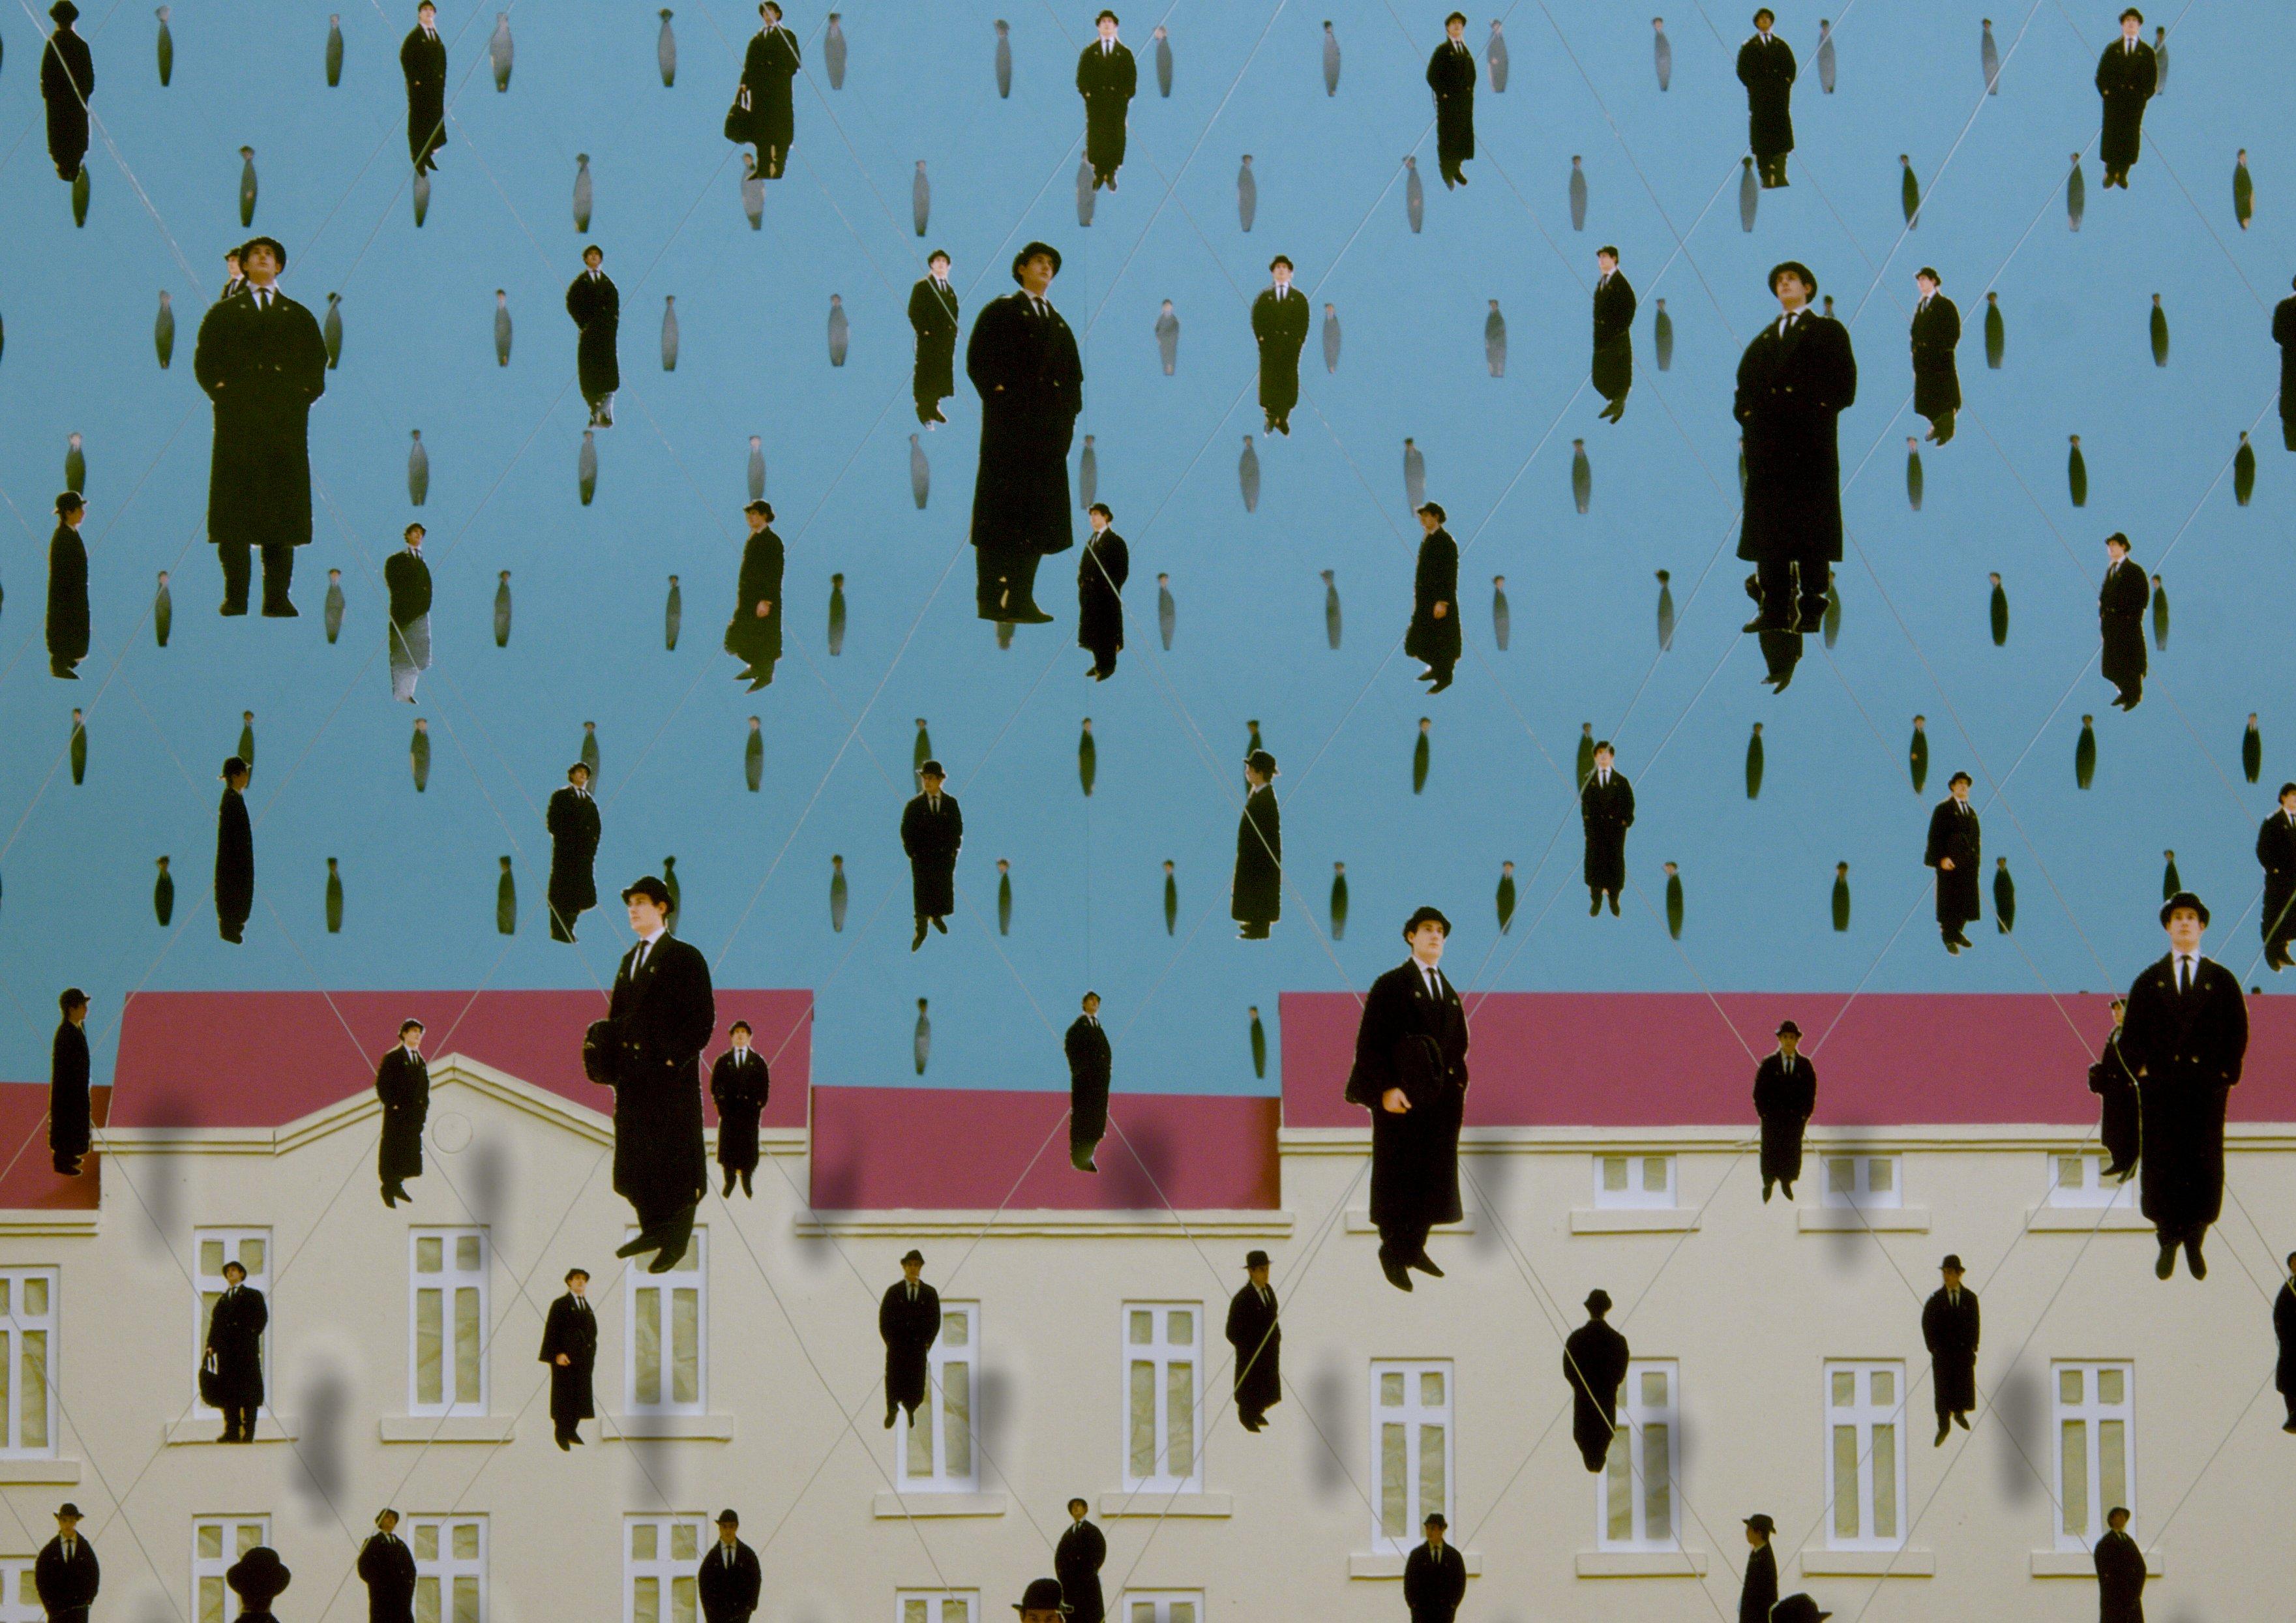 マグリット 壁紙 マグリット 光の帝国 壁紙 あなたのための最高の壁紙画像